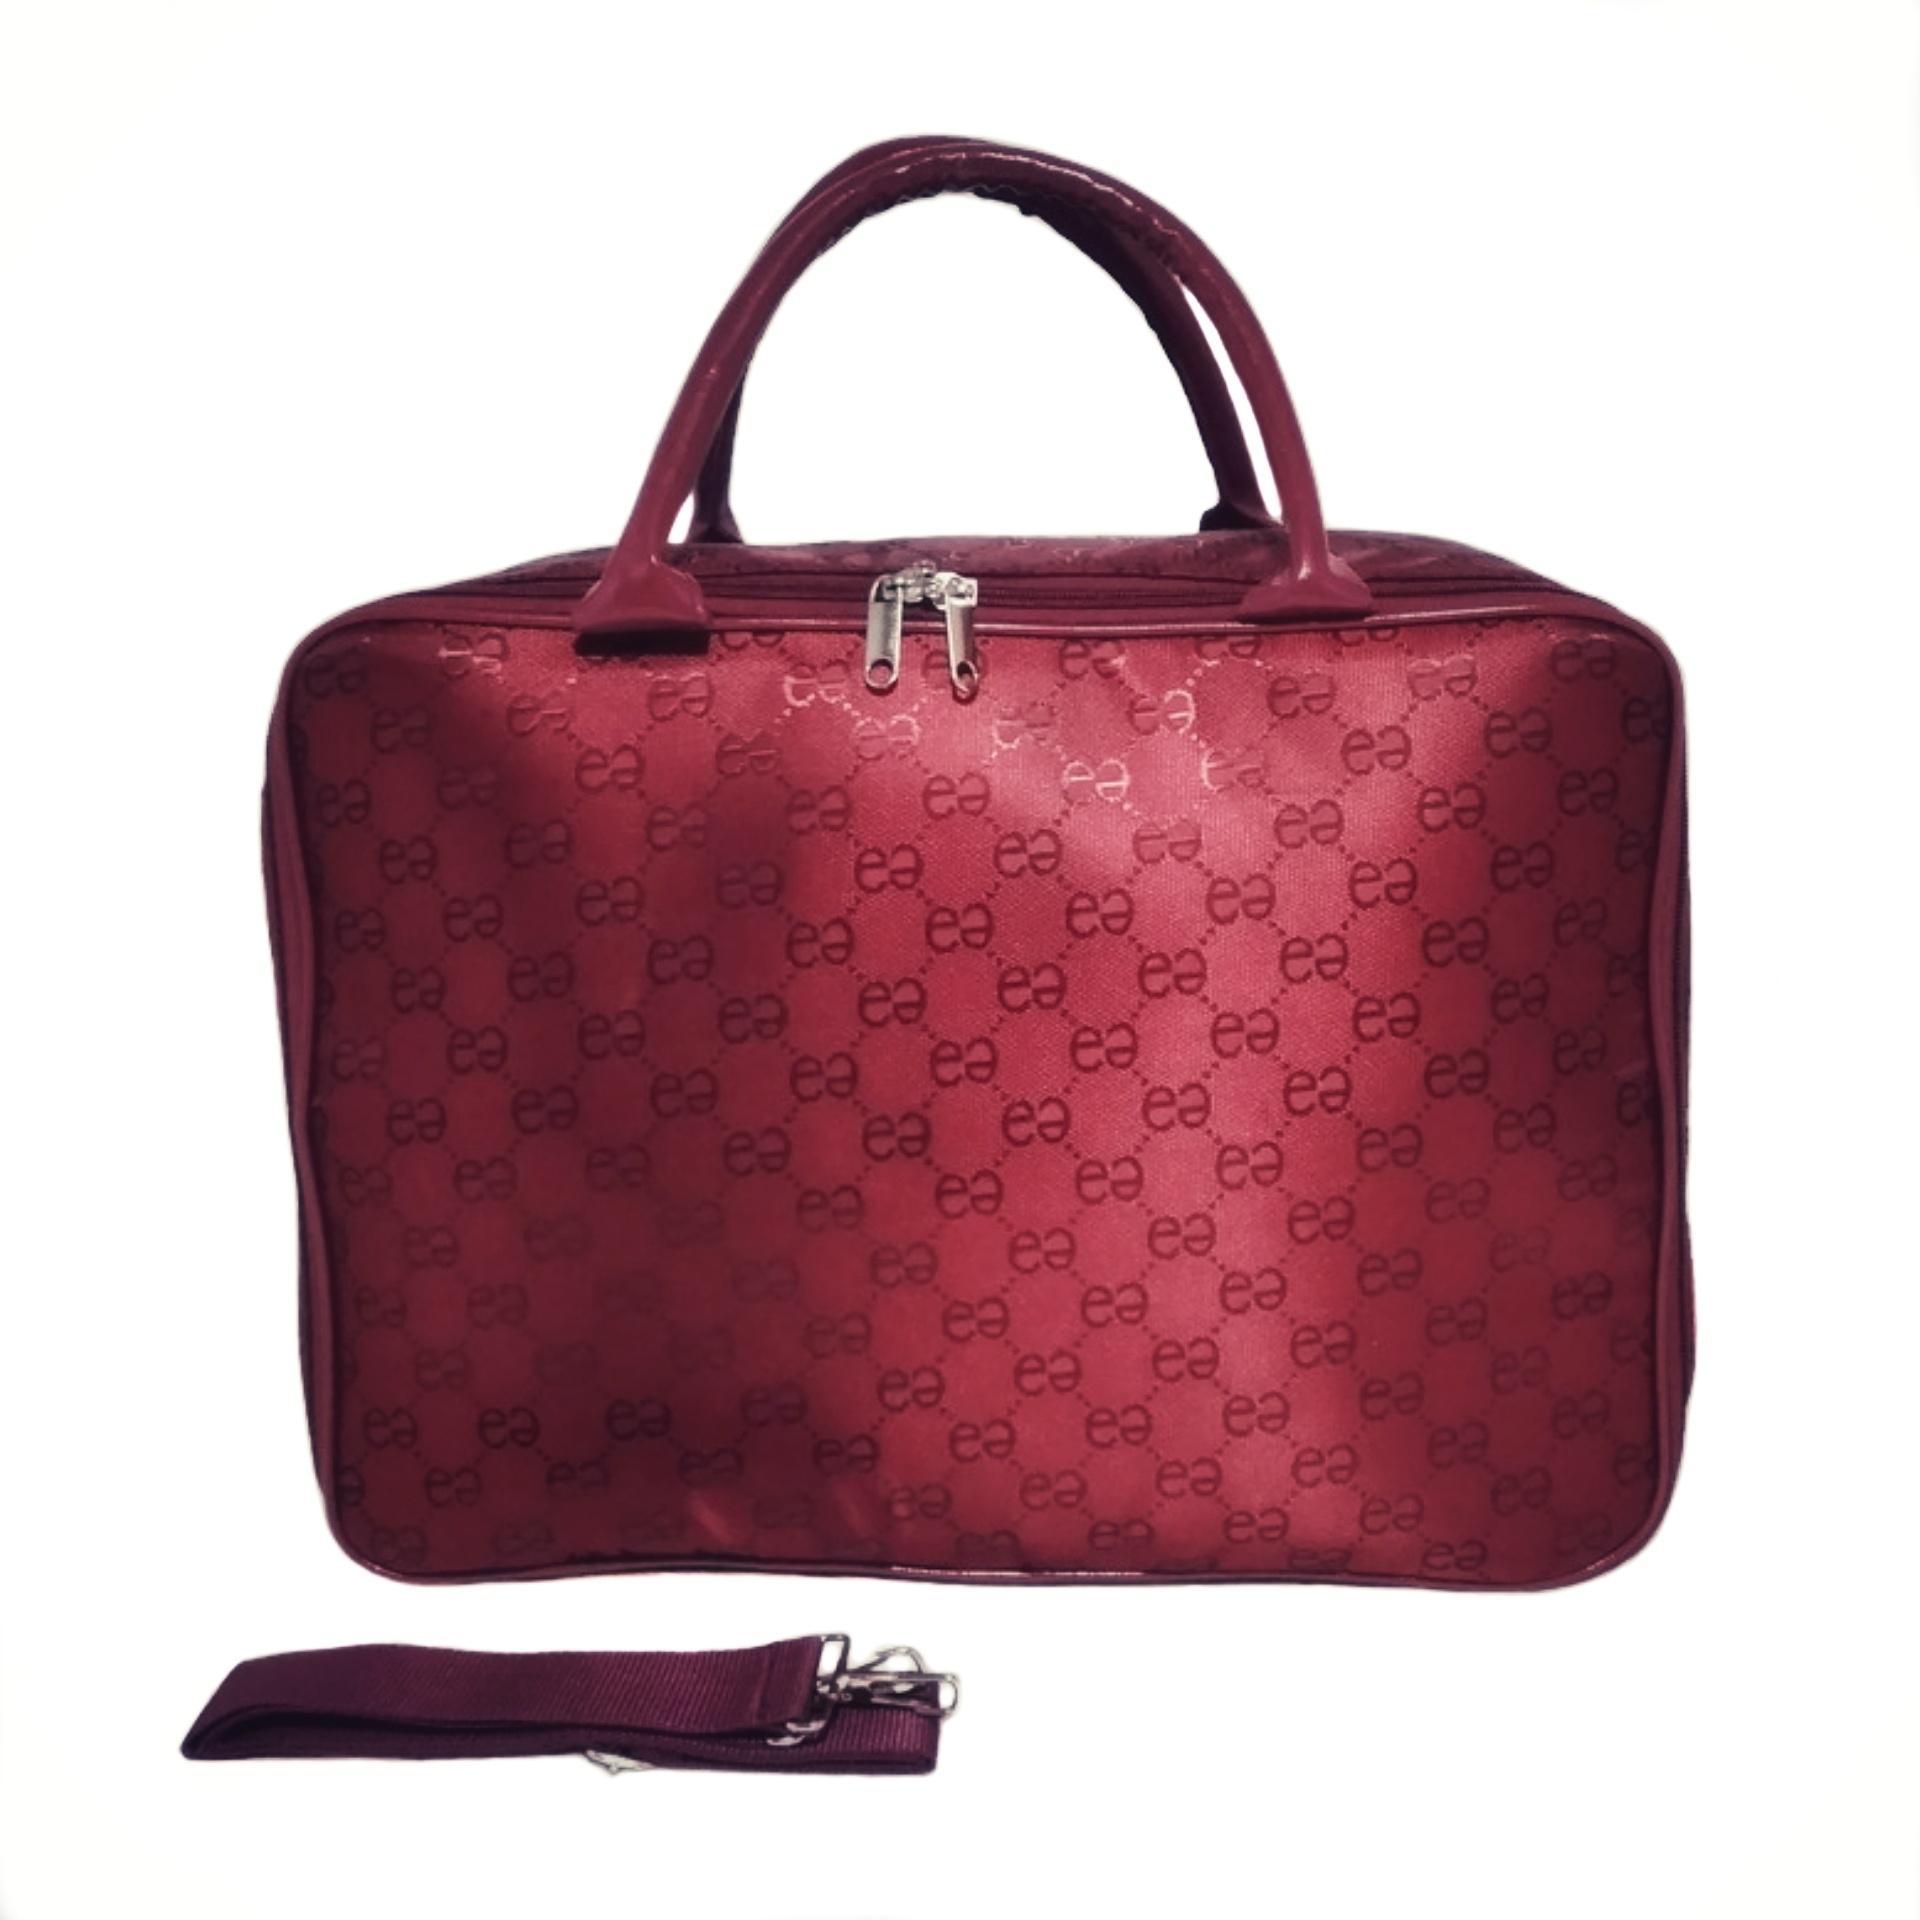 3cae73b602 AMT Tas Koper Travel Bag Fashion Pria dan Wanita Bahan Emboss Premium - Red